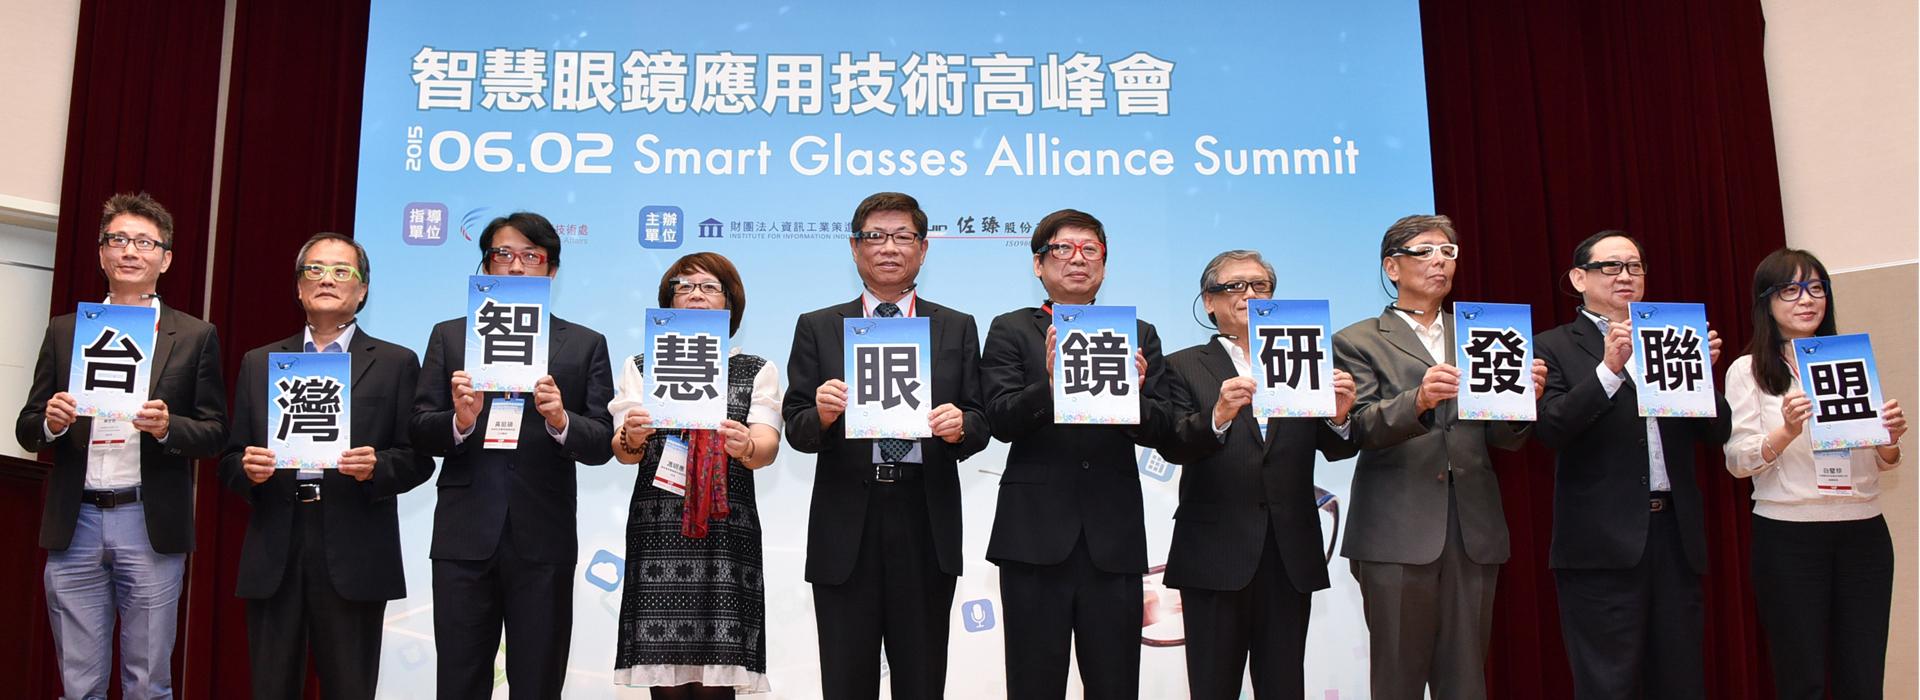 佐臻董座梁文隆推動兩岸產業聯盟—透過智慧眼鏡  引領創客看見創新殿堂